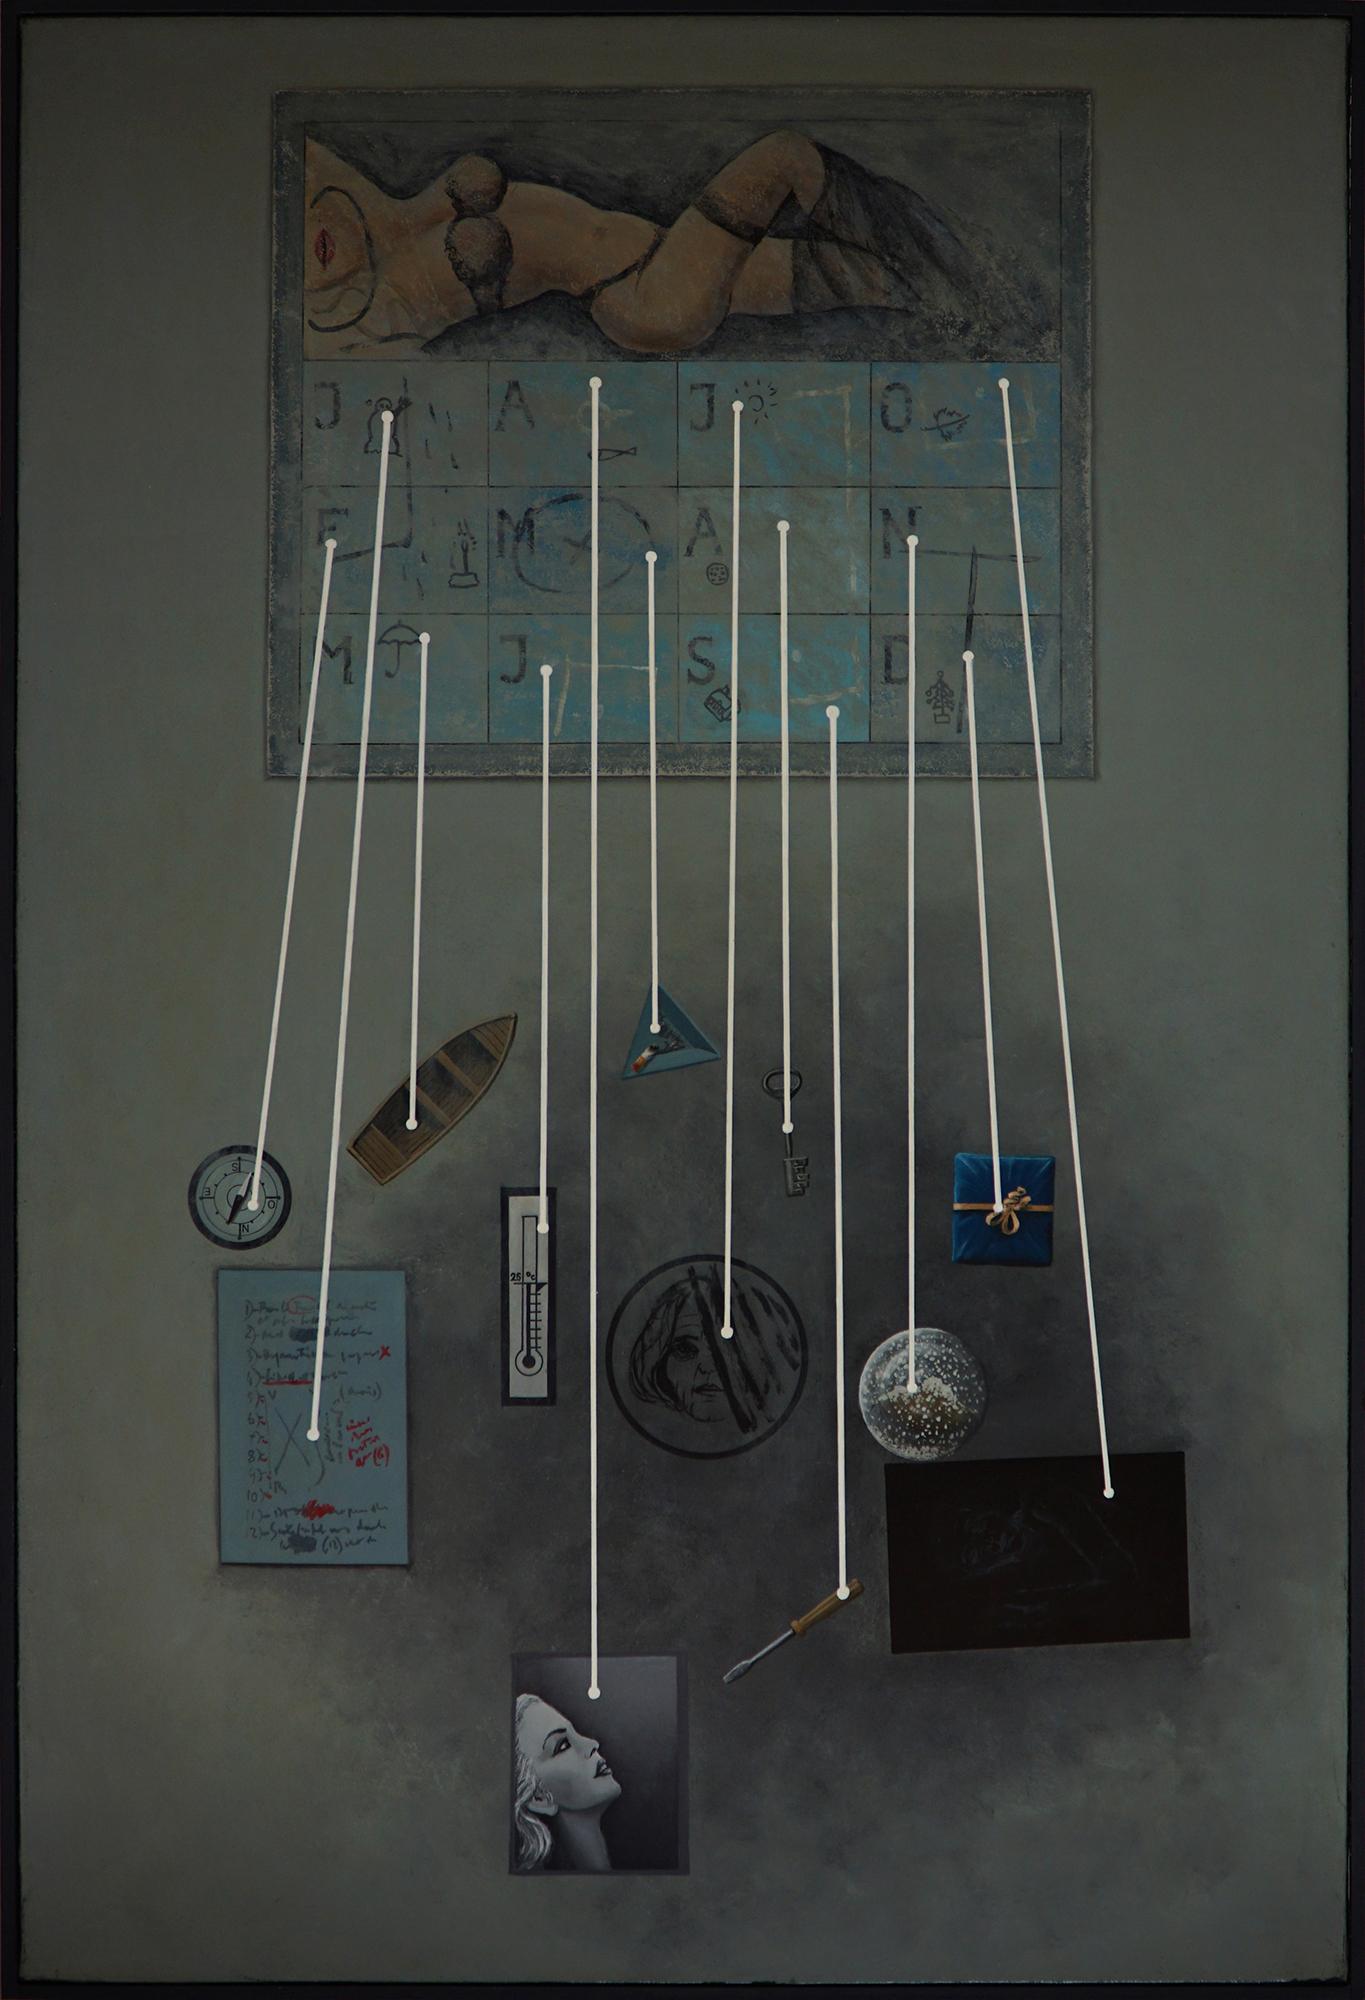 Claude BELLAN - Tauromachie rose II - 100 x 100 cm - 2000 - huile sur toile - 2800€